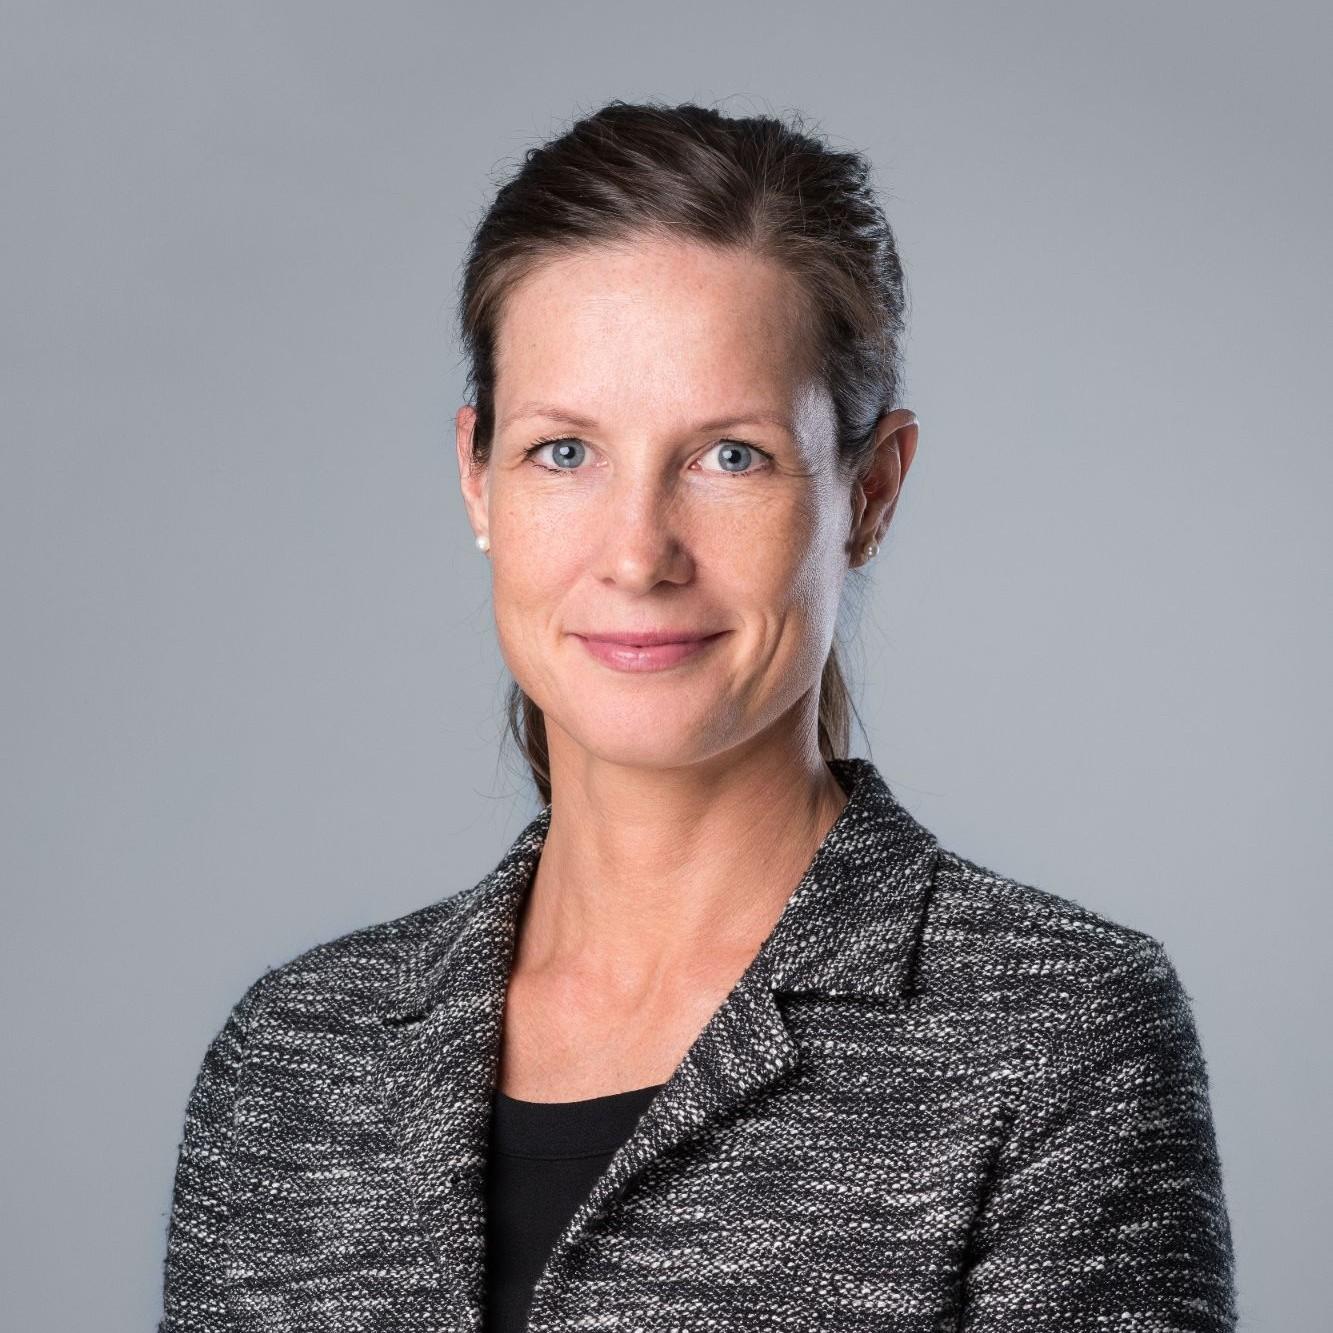 Anita Eckardt, Leiterin der Division Spezialitäten bei Implenia.